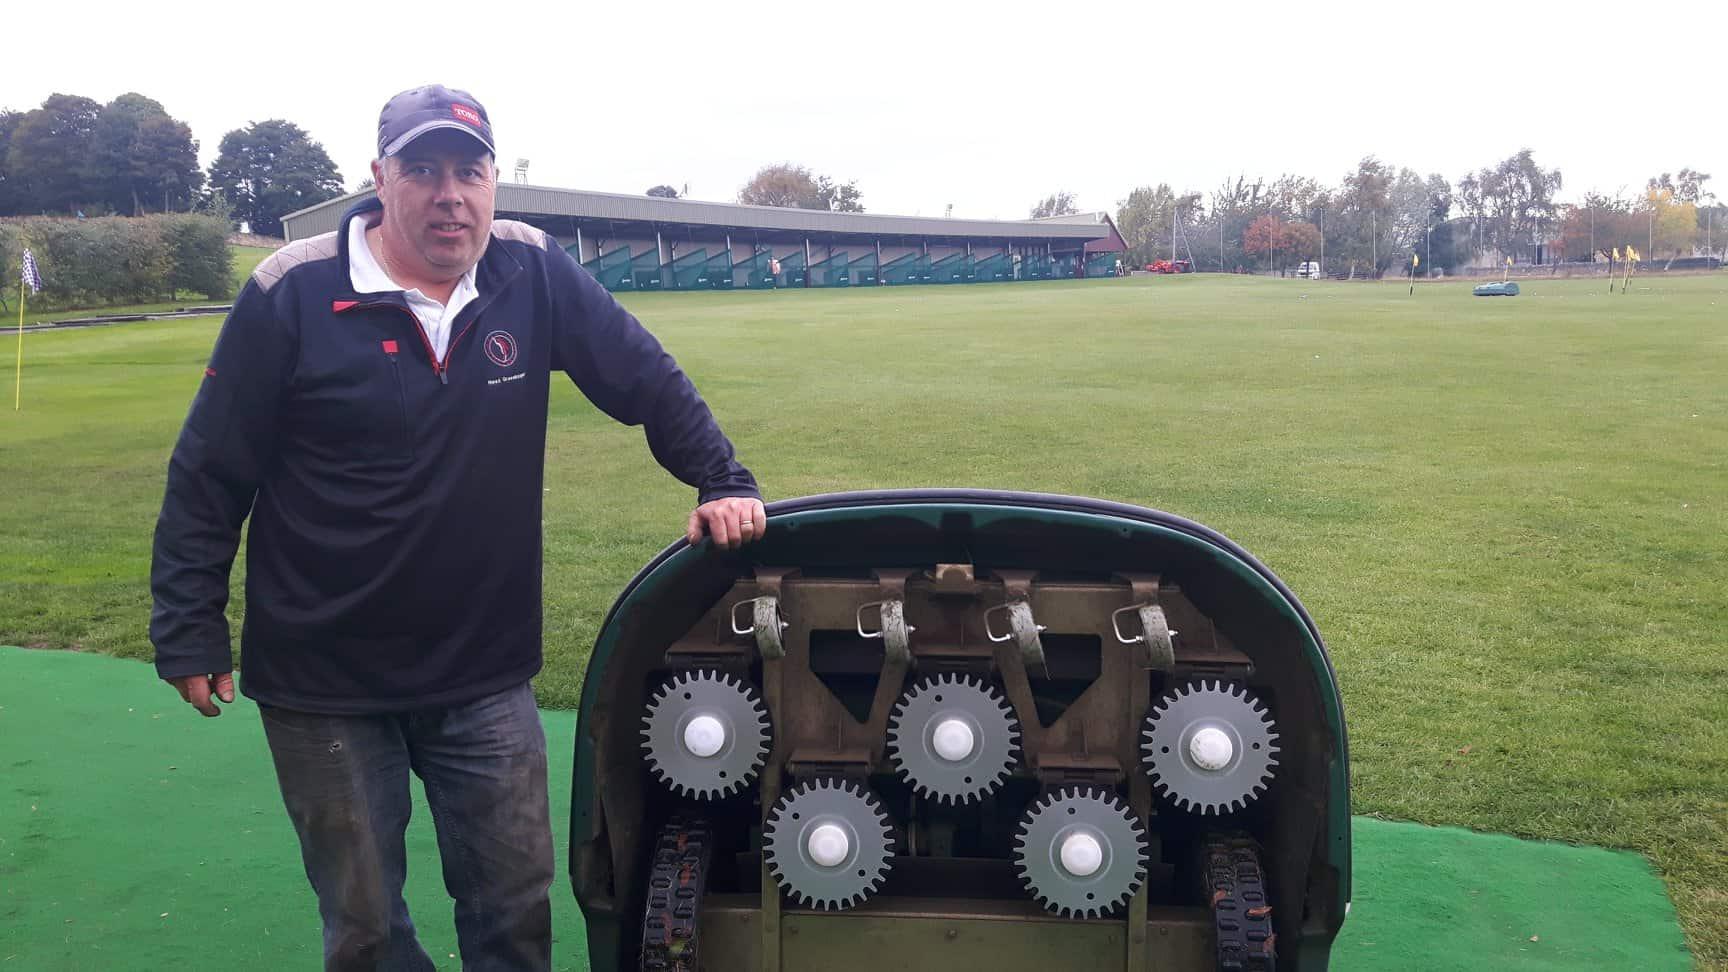 Mellville Golf Centre - Steven Gray, Head Greenkeeper